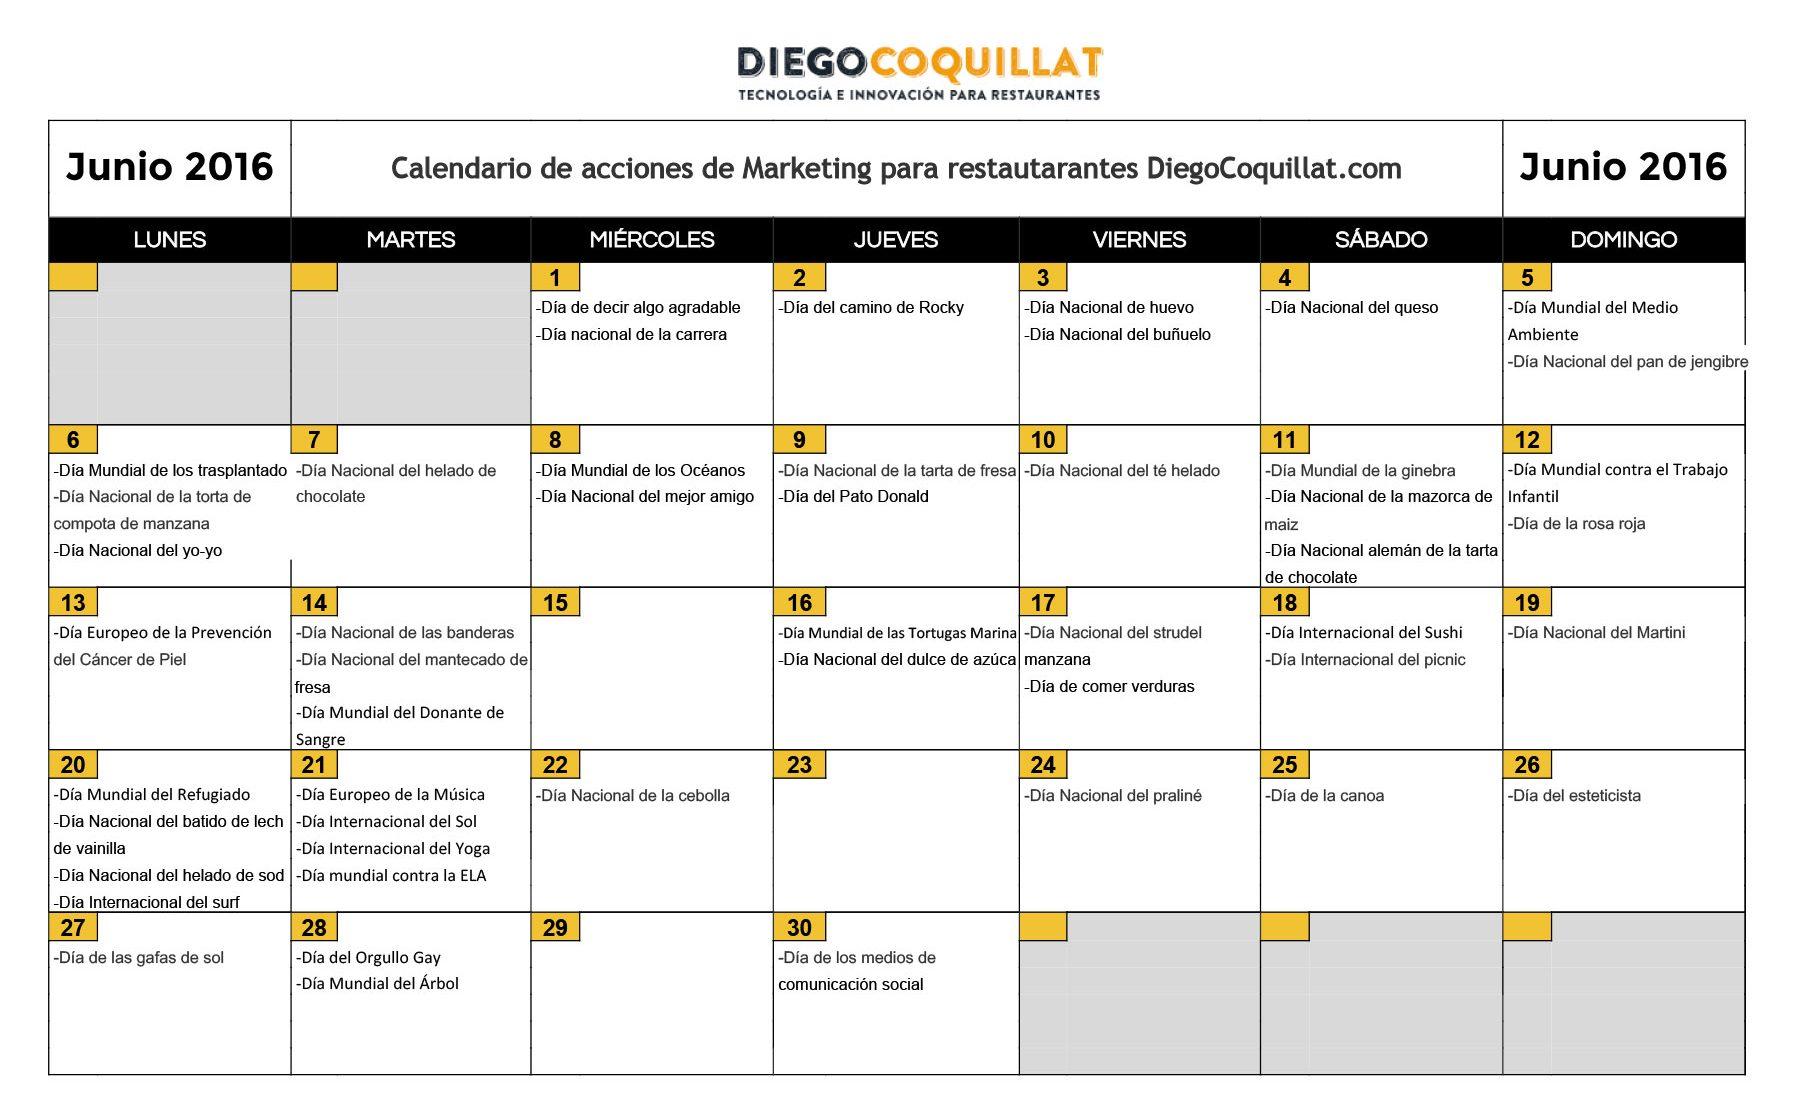 June of 2016: marketing activities calendar for restaurants